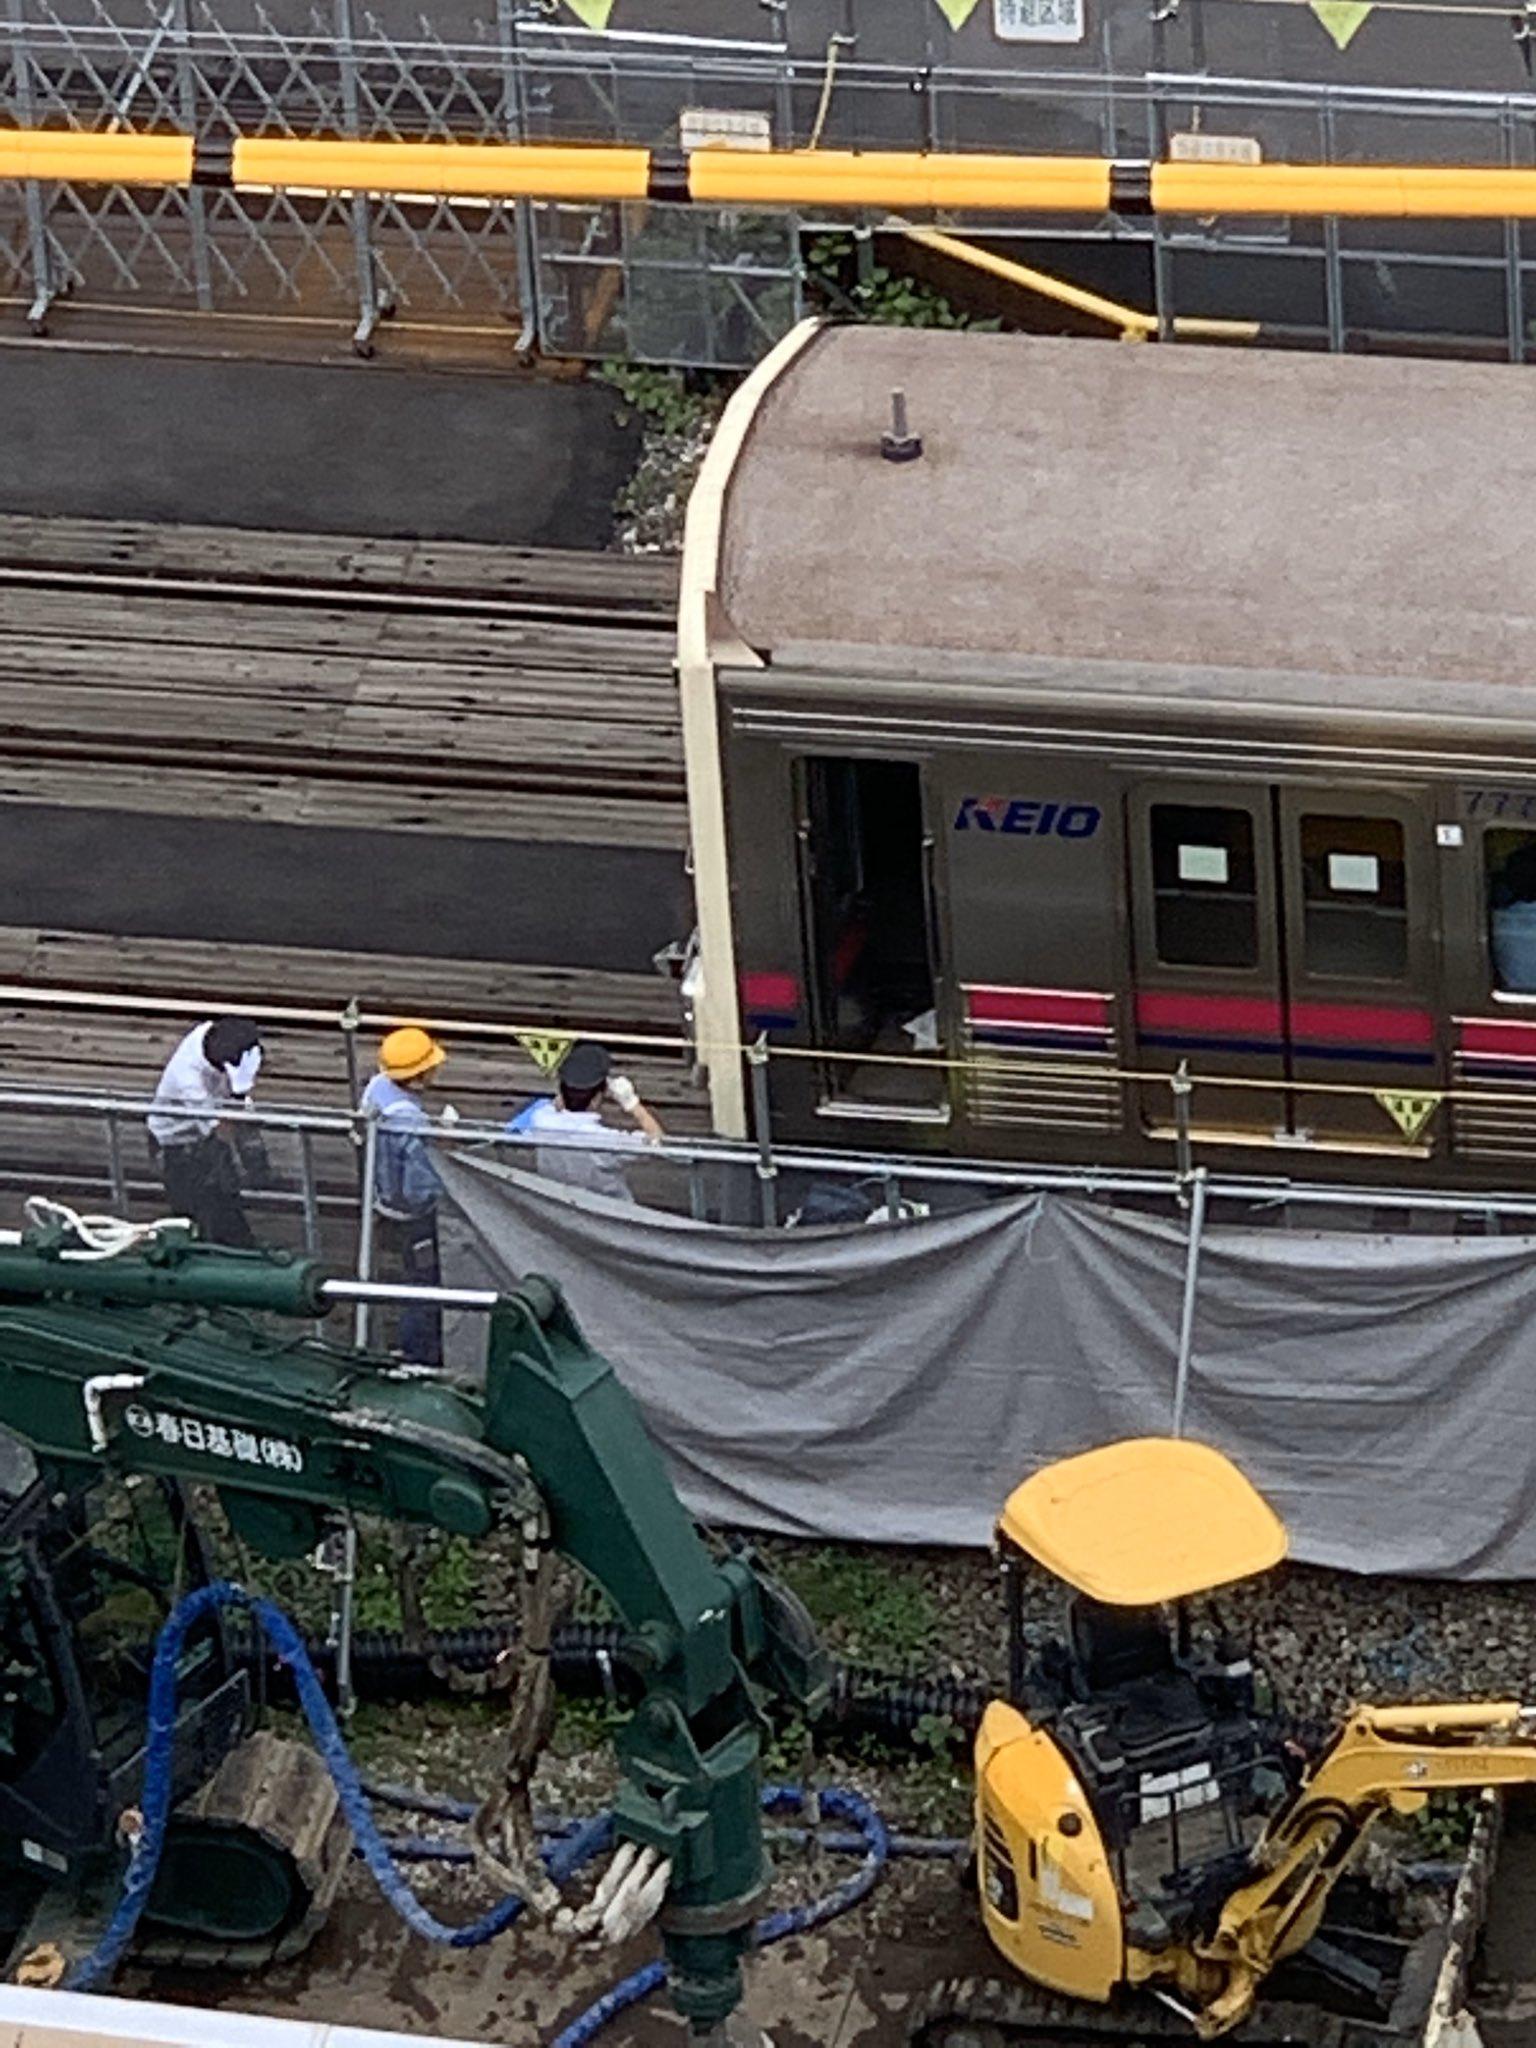 芦花公園駅で人身事故で現場の確認をしている画像